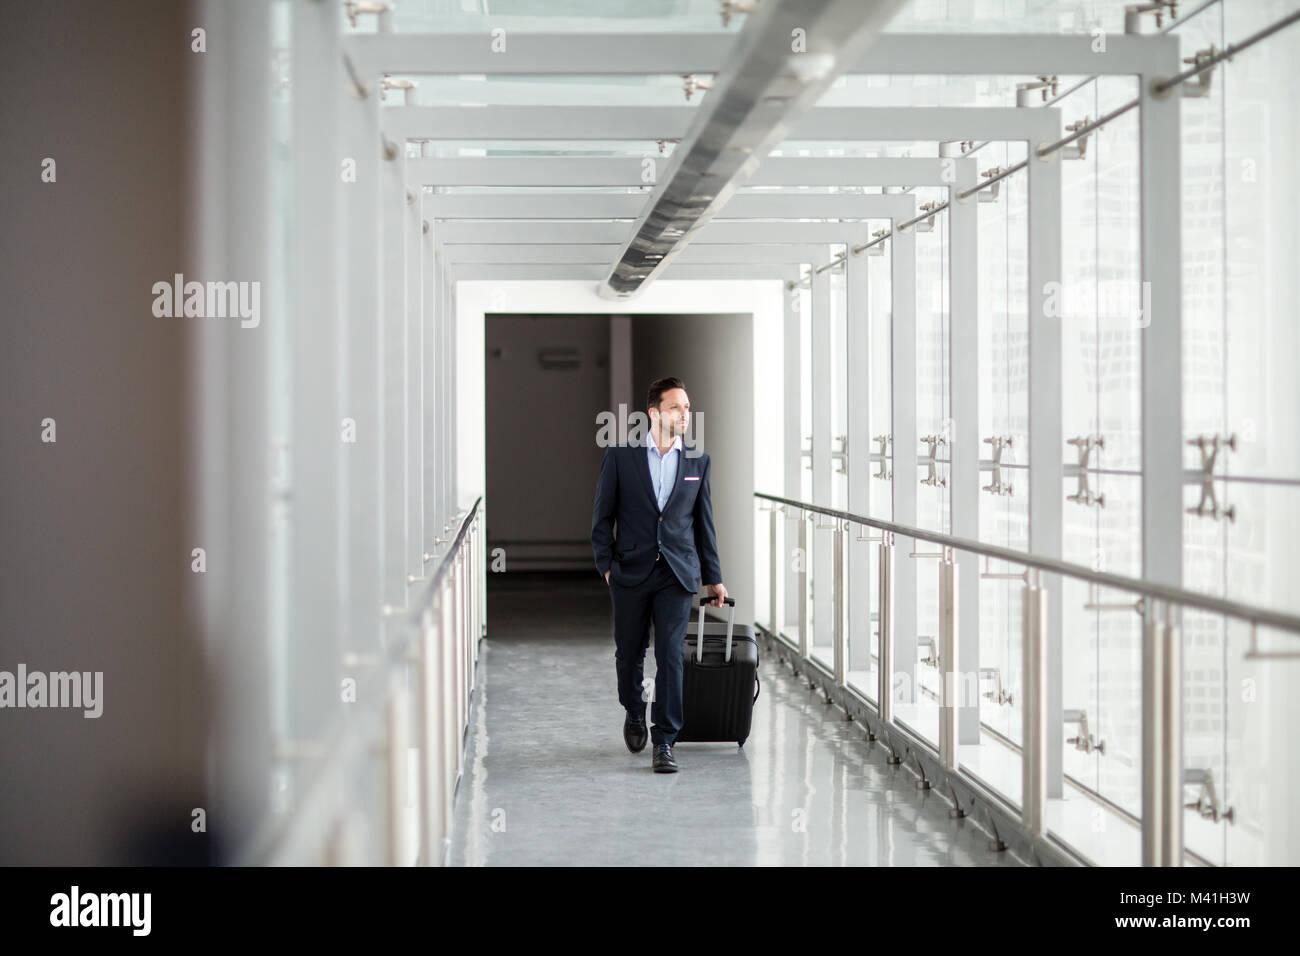 Businessman walking through airport terminal - Stock Image